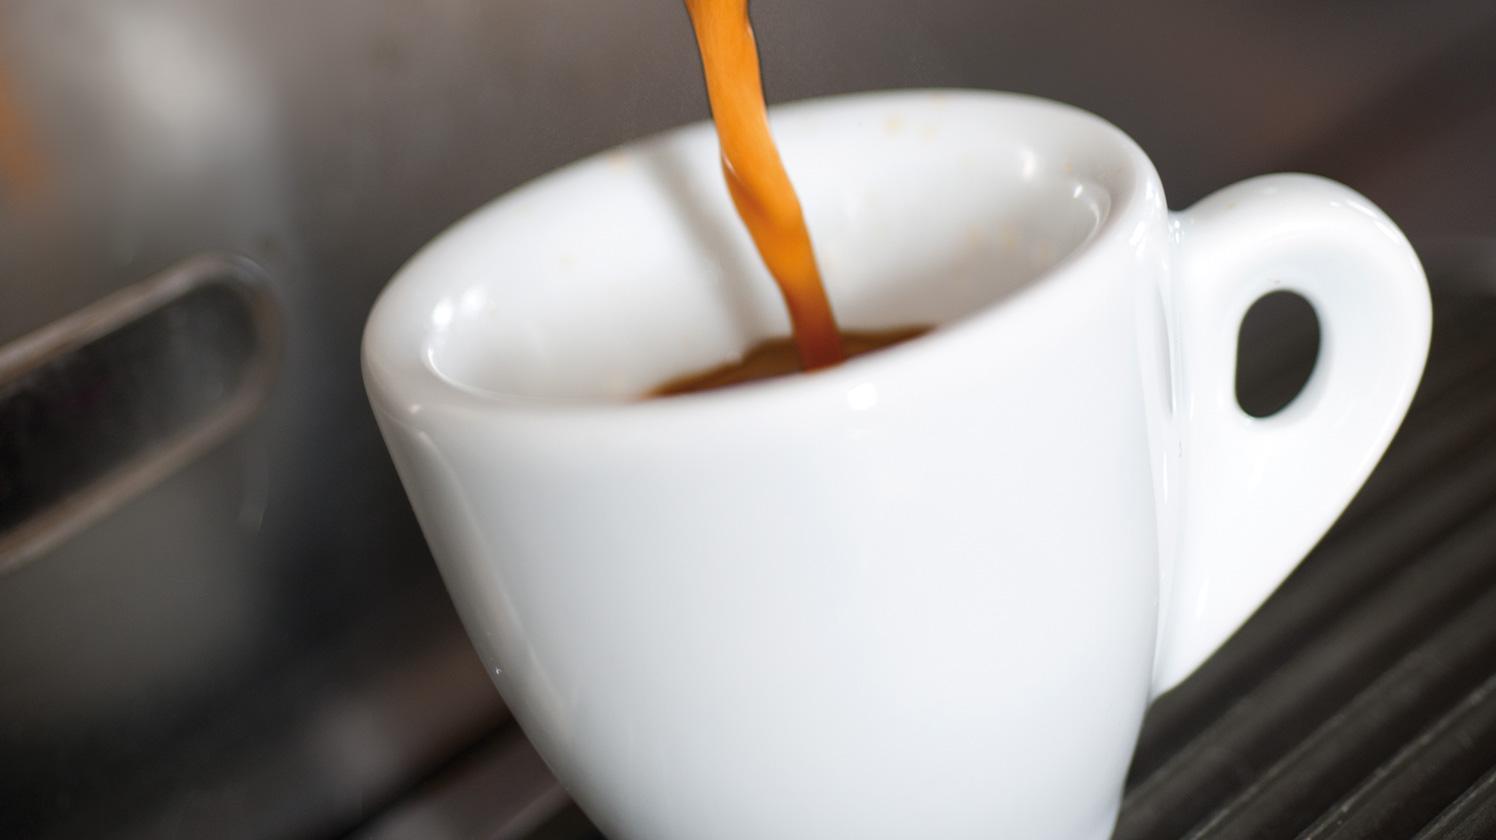 BRITA filter AquaGusto making espresso